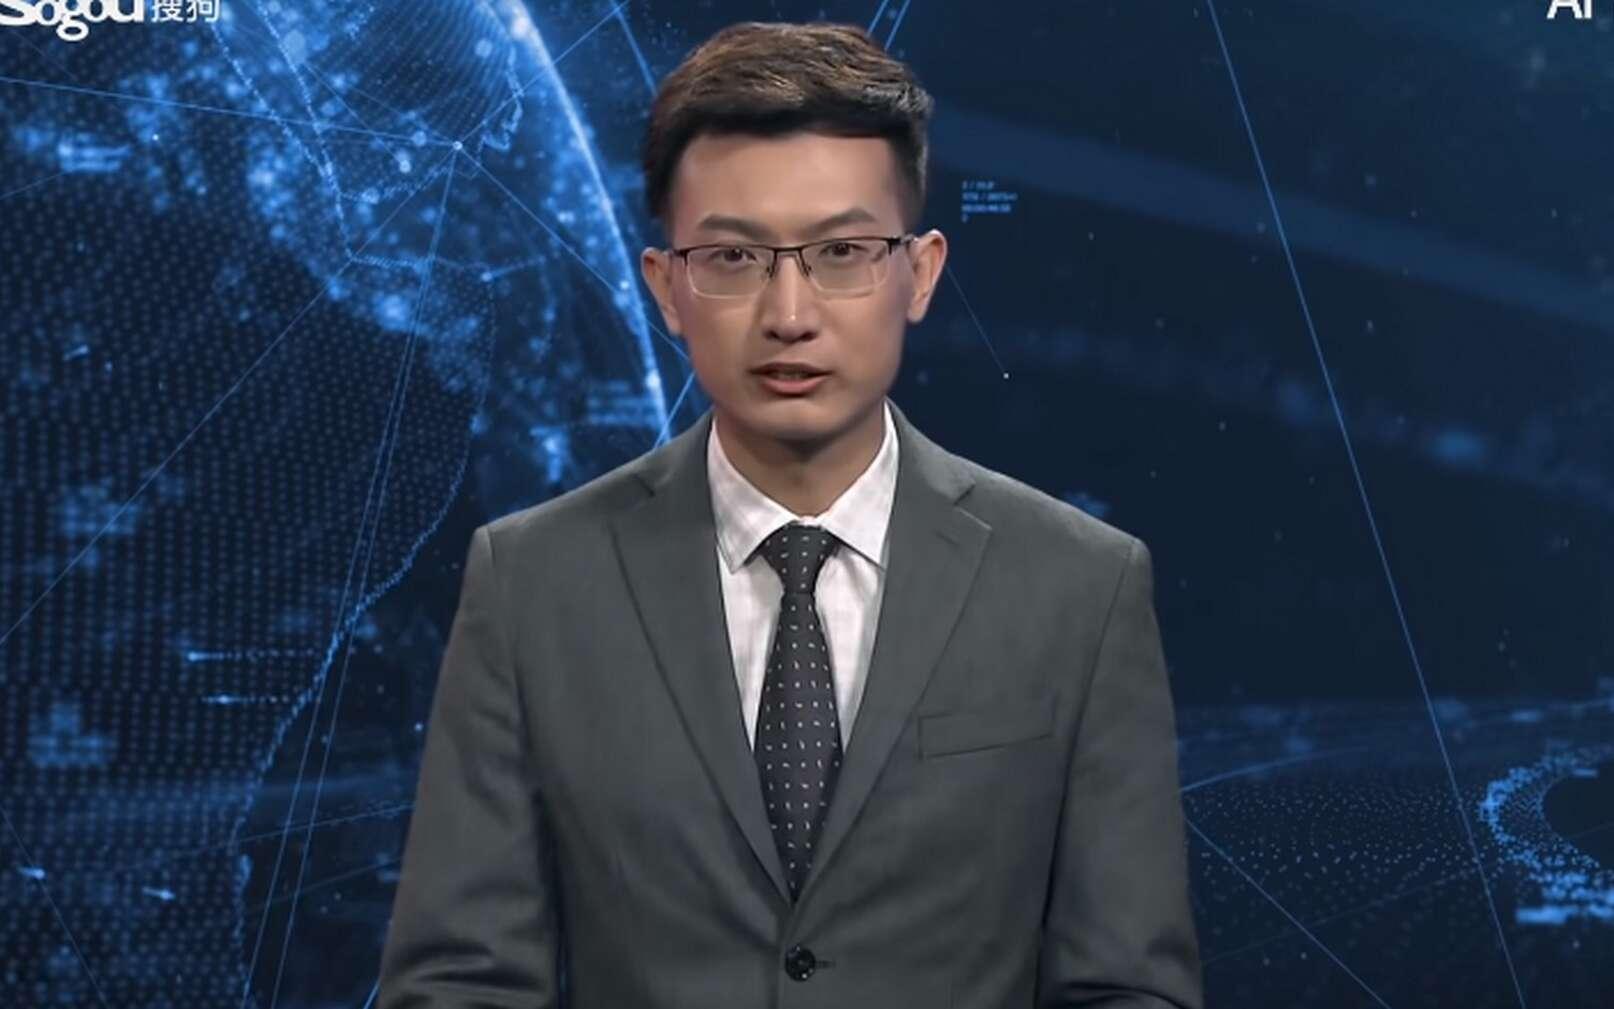 L'IA présentateur de JT pour l'agence chinoise Xinhua. © New China TV